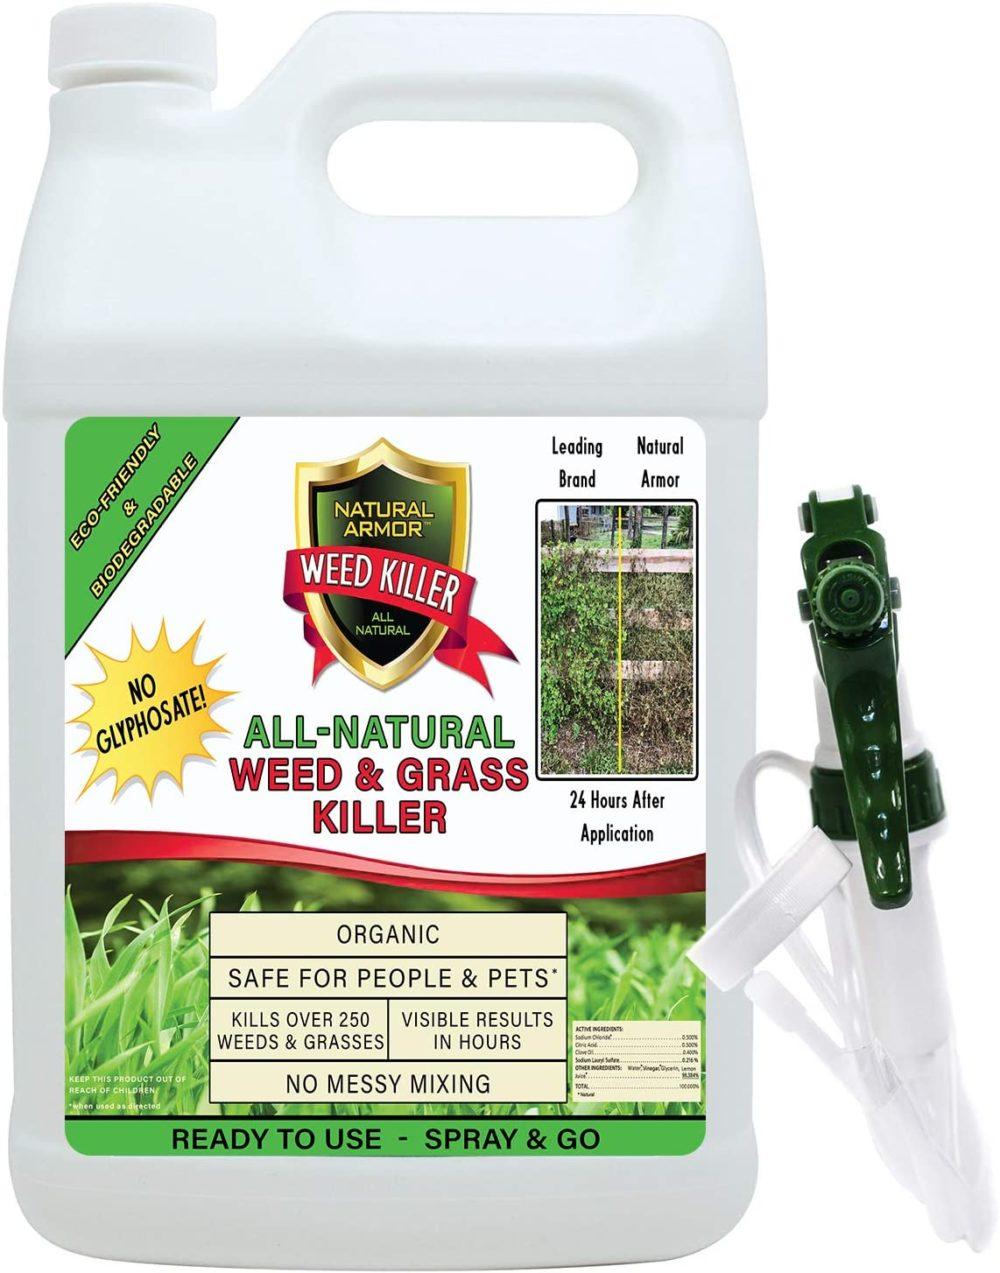 Natural Armor – All-Natural Weed Killer